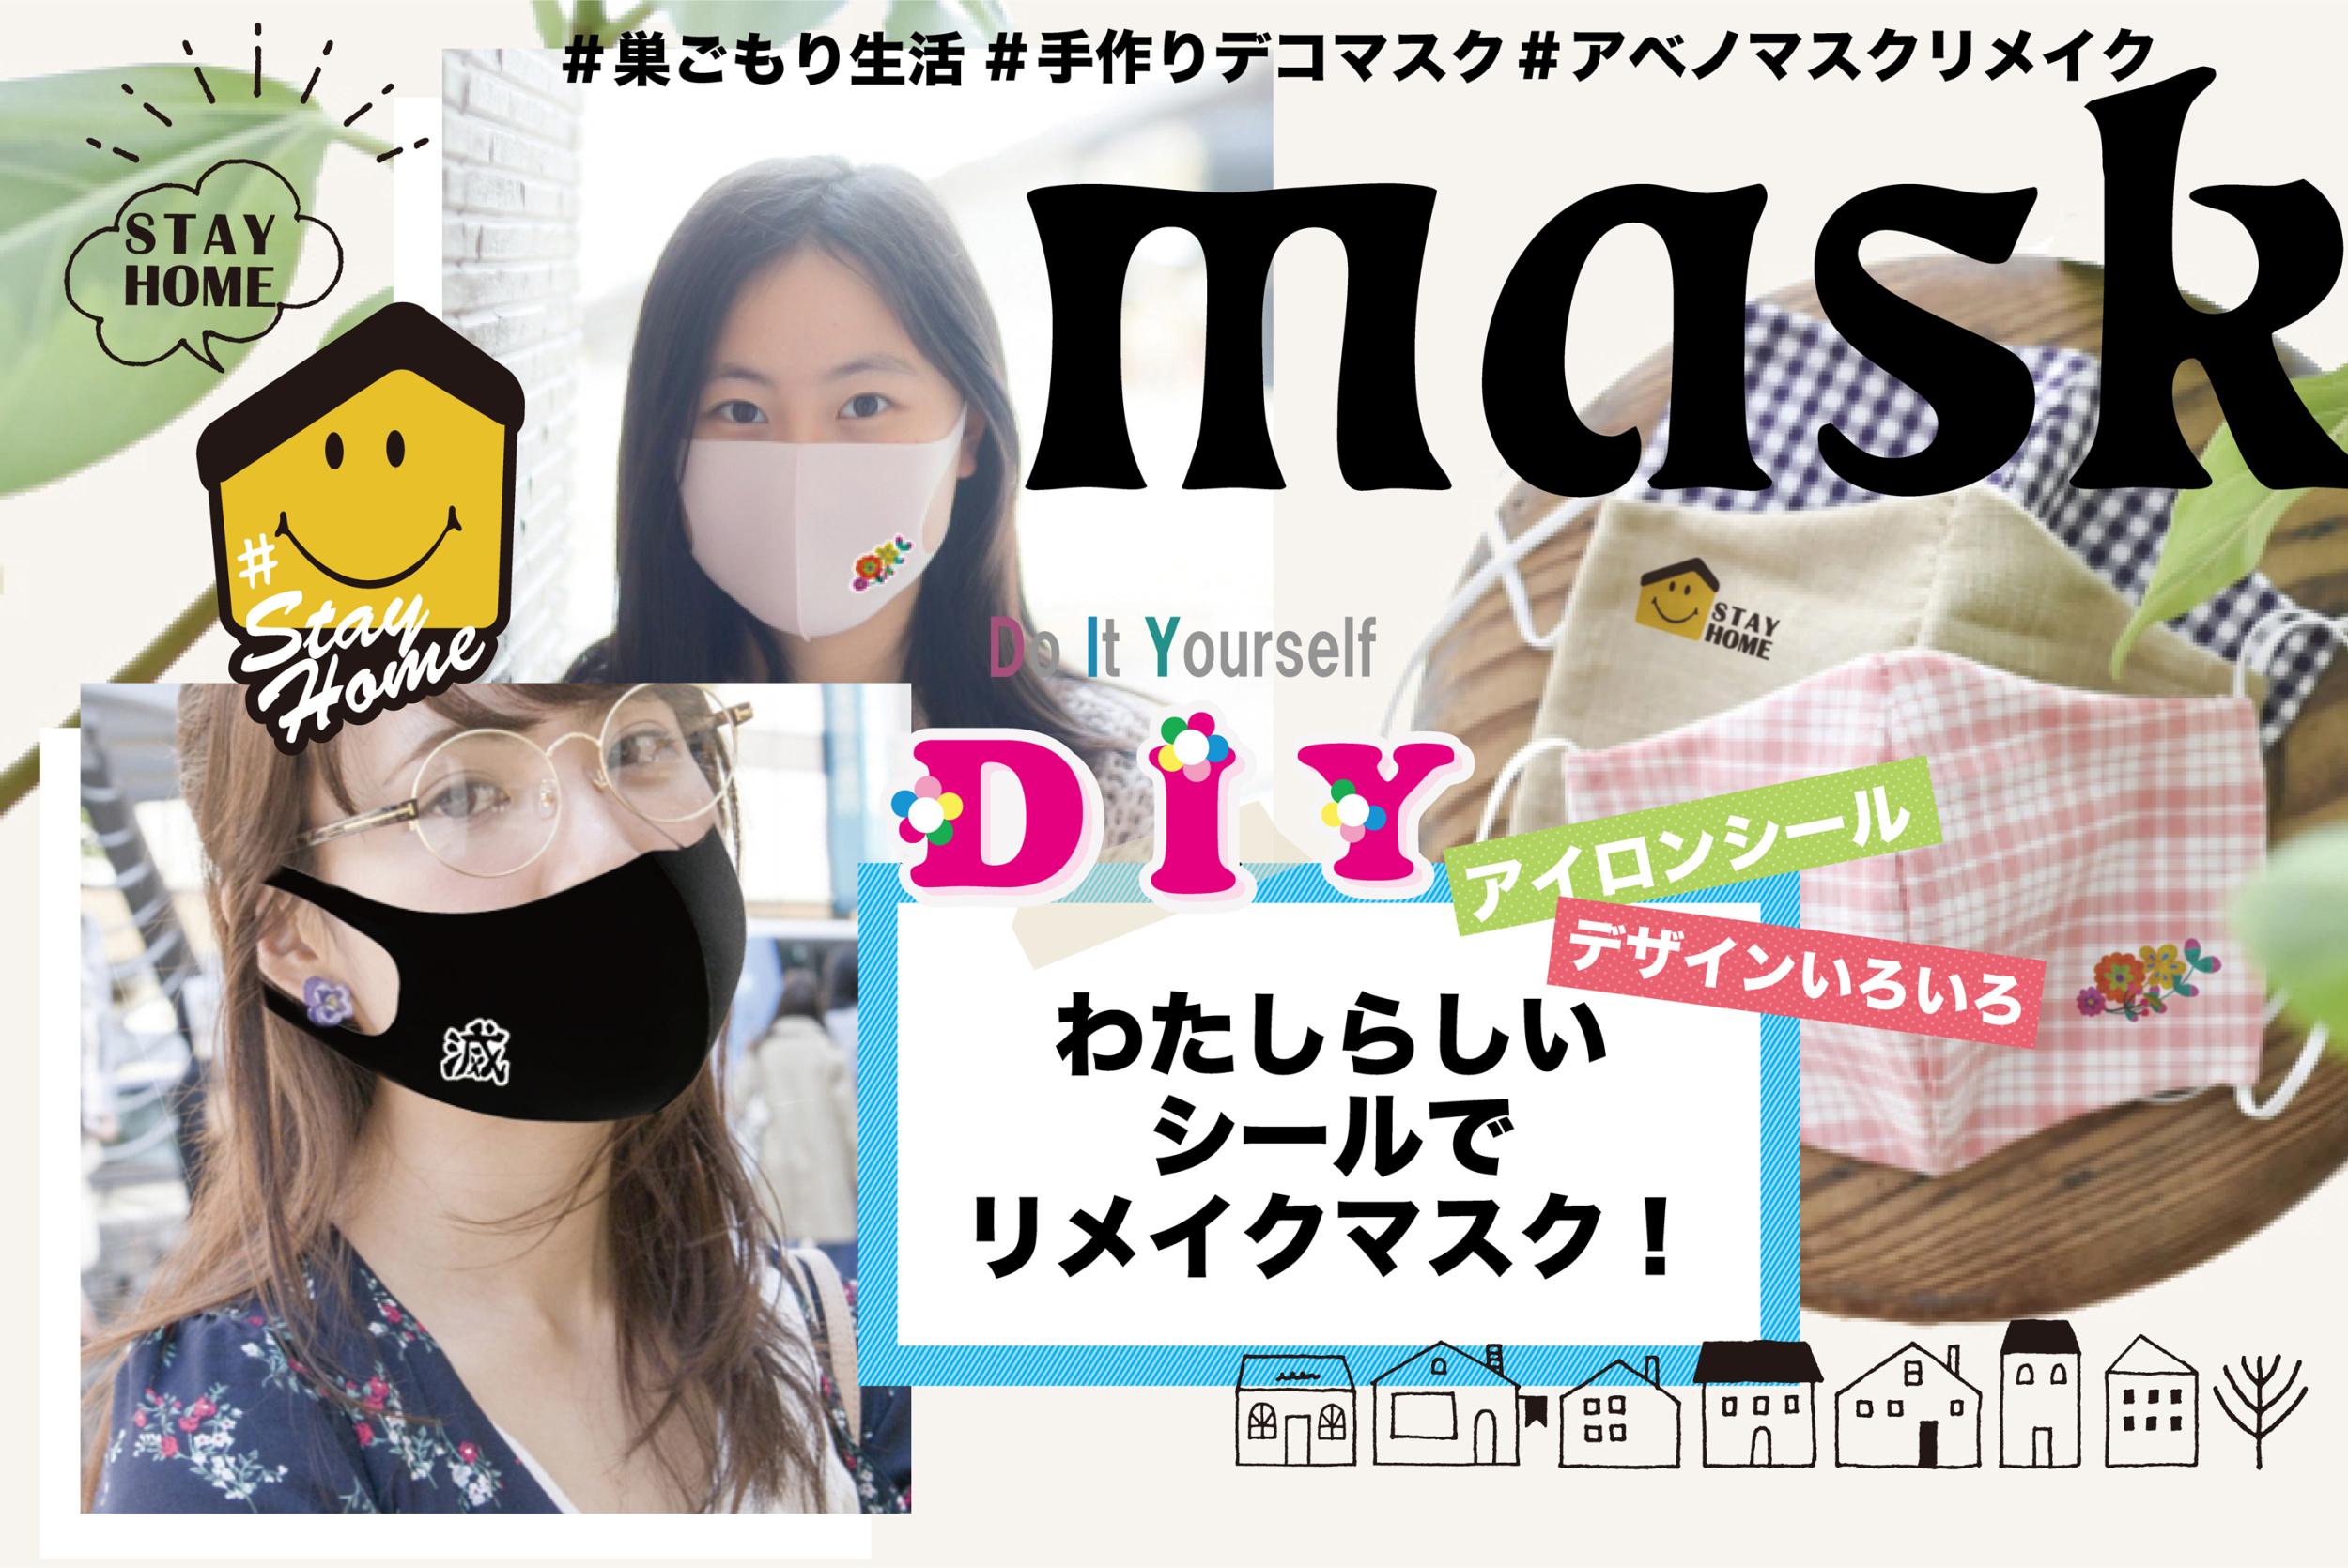 マスク 販売 オリジナル 西武がマスクカバー販売 ユニホーム生地使用